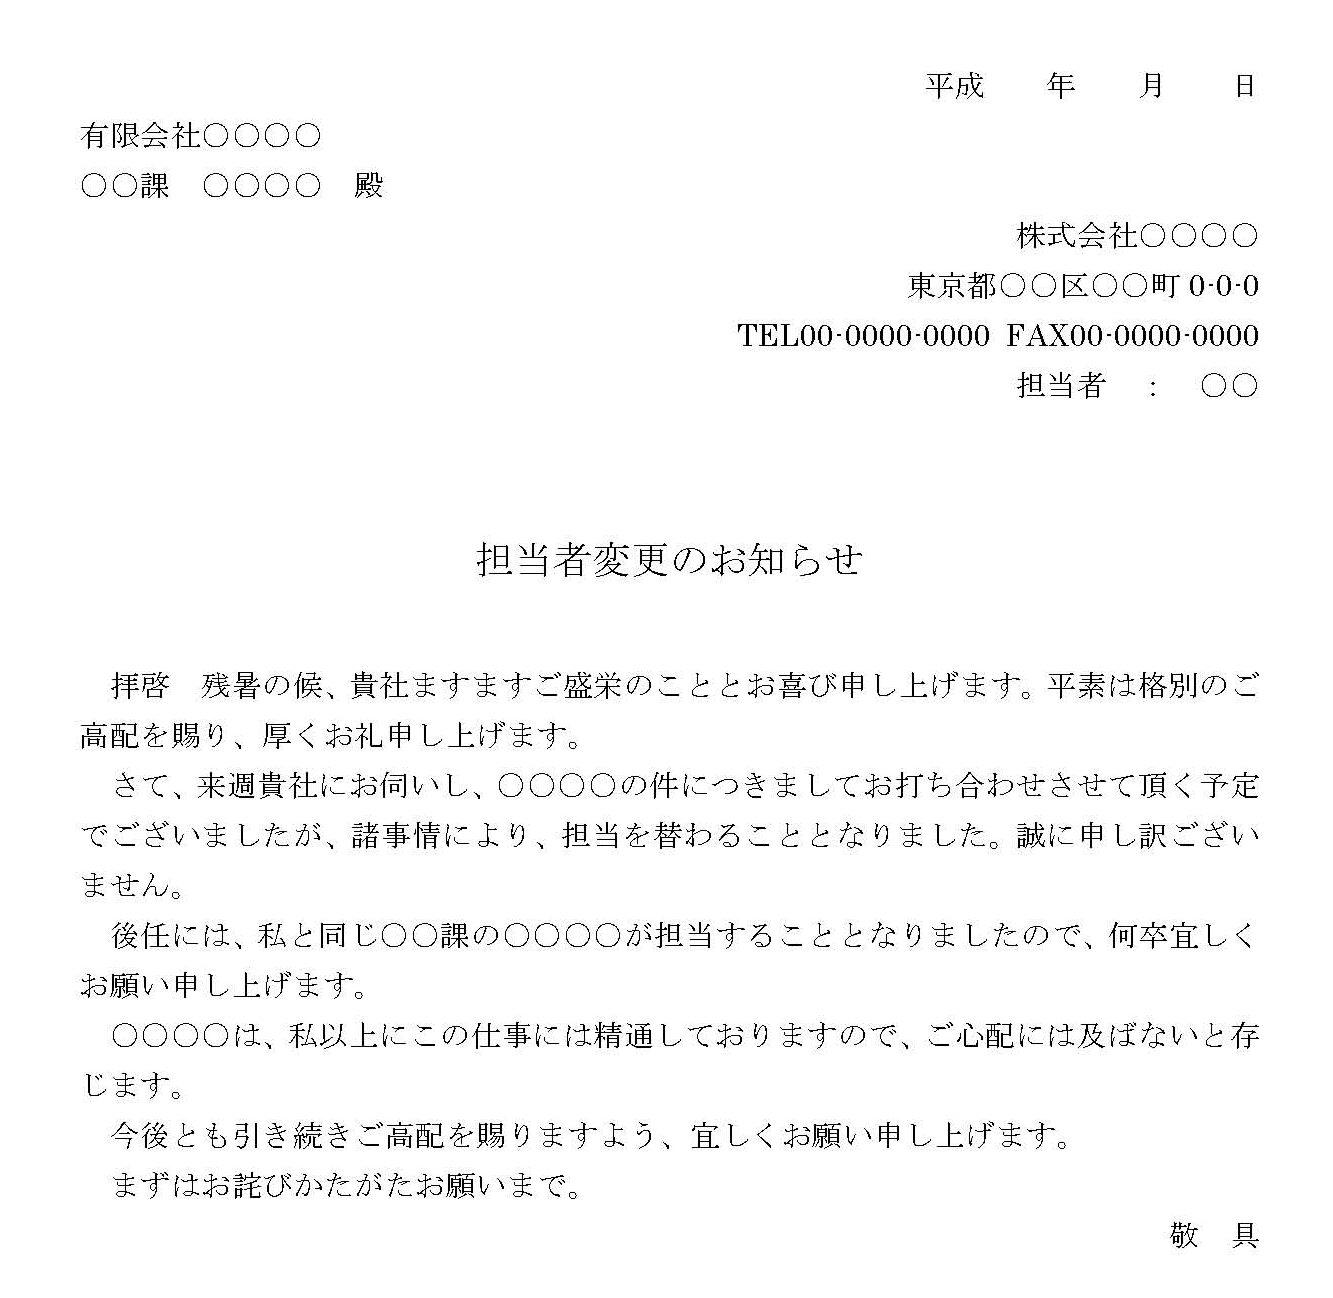 お知らせ(担当者変更)